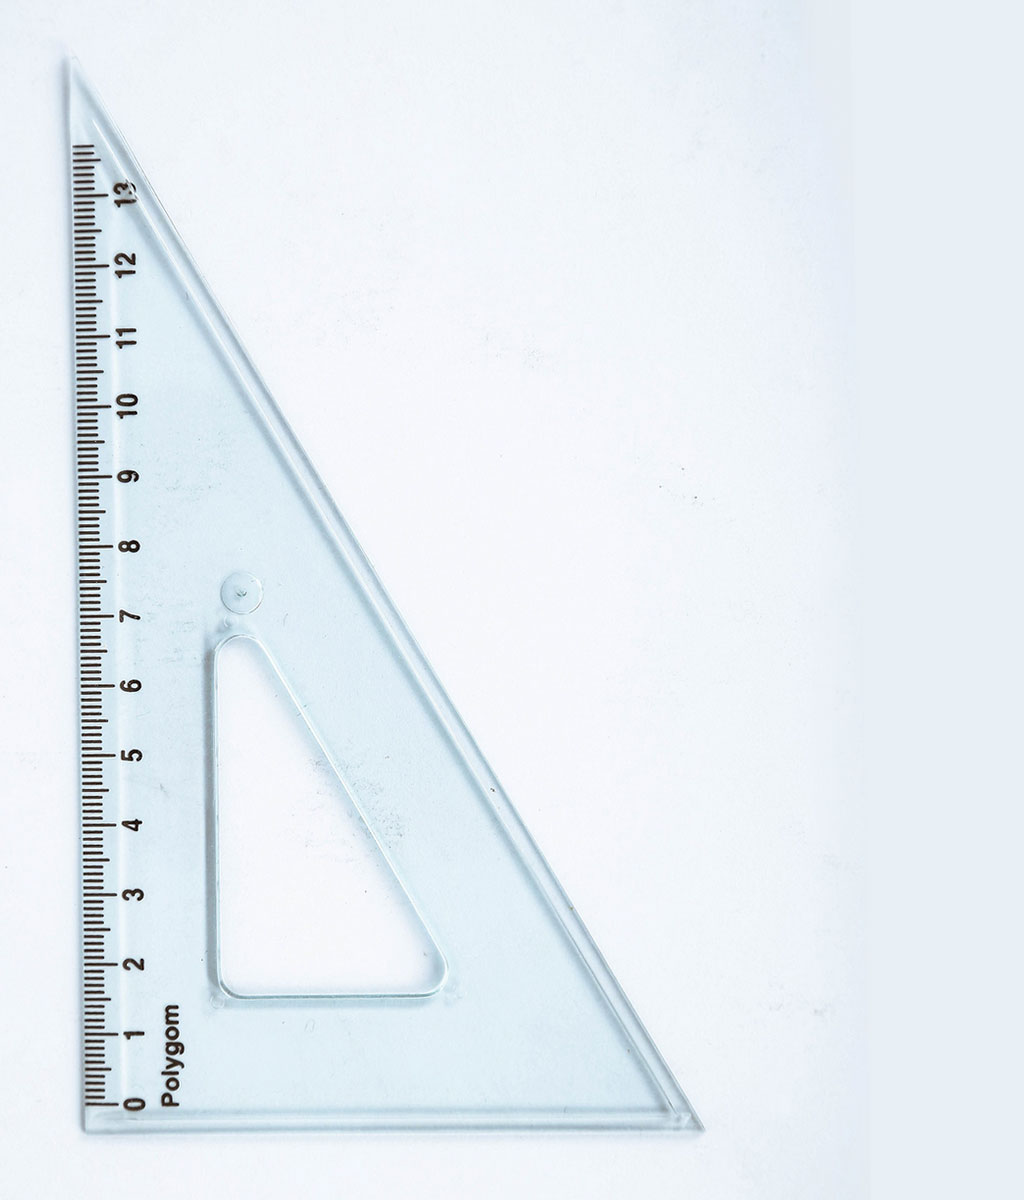 Équerre 60° -graduation 15 cm E 15/60